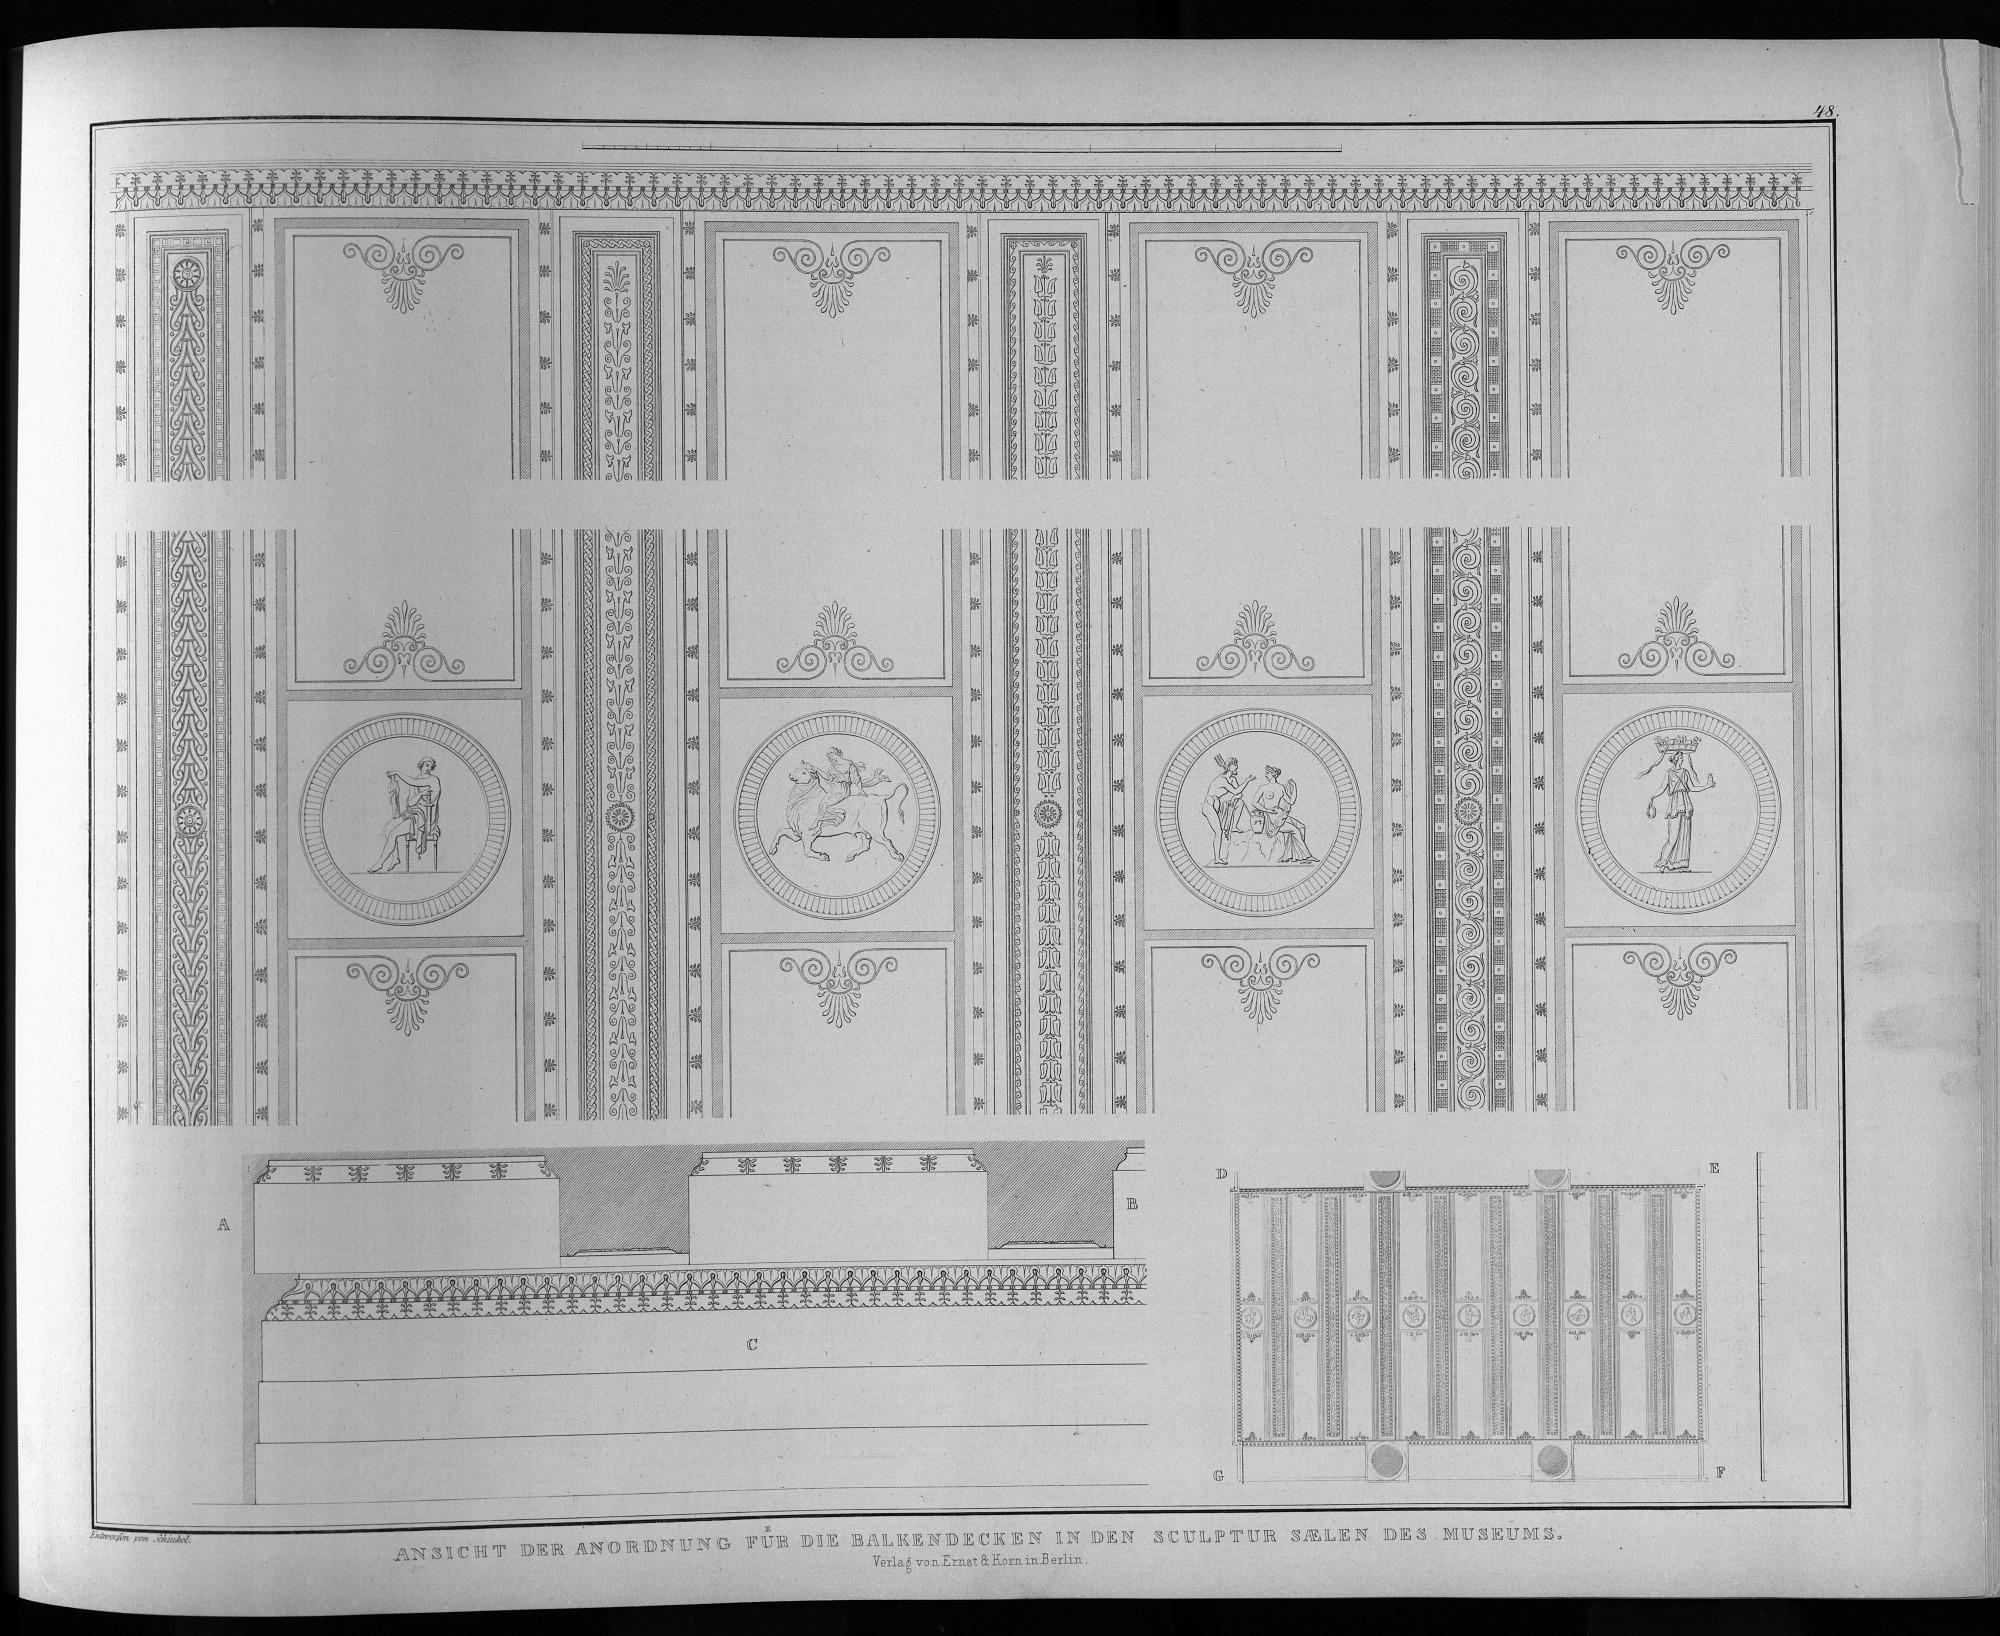 Ansicht der anordnung für die balkendecken in den sculpten saelen ...